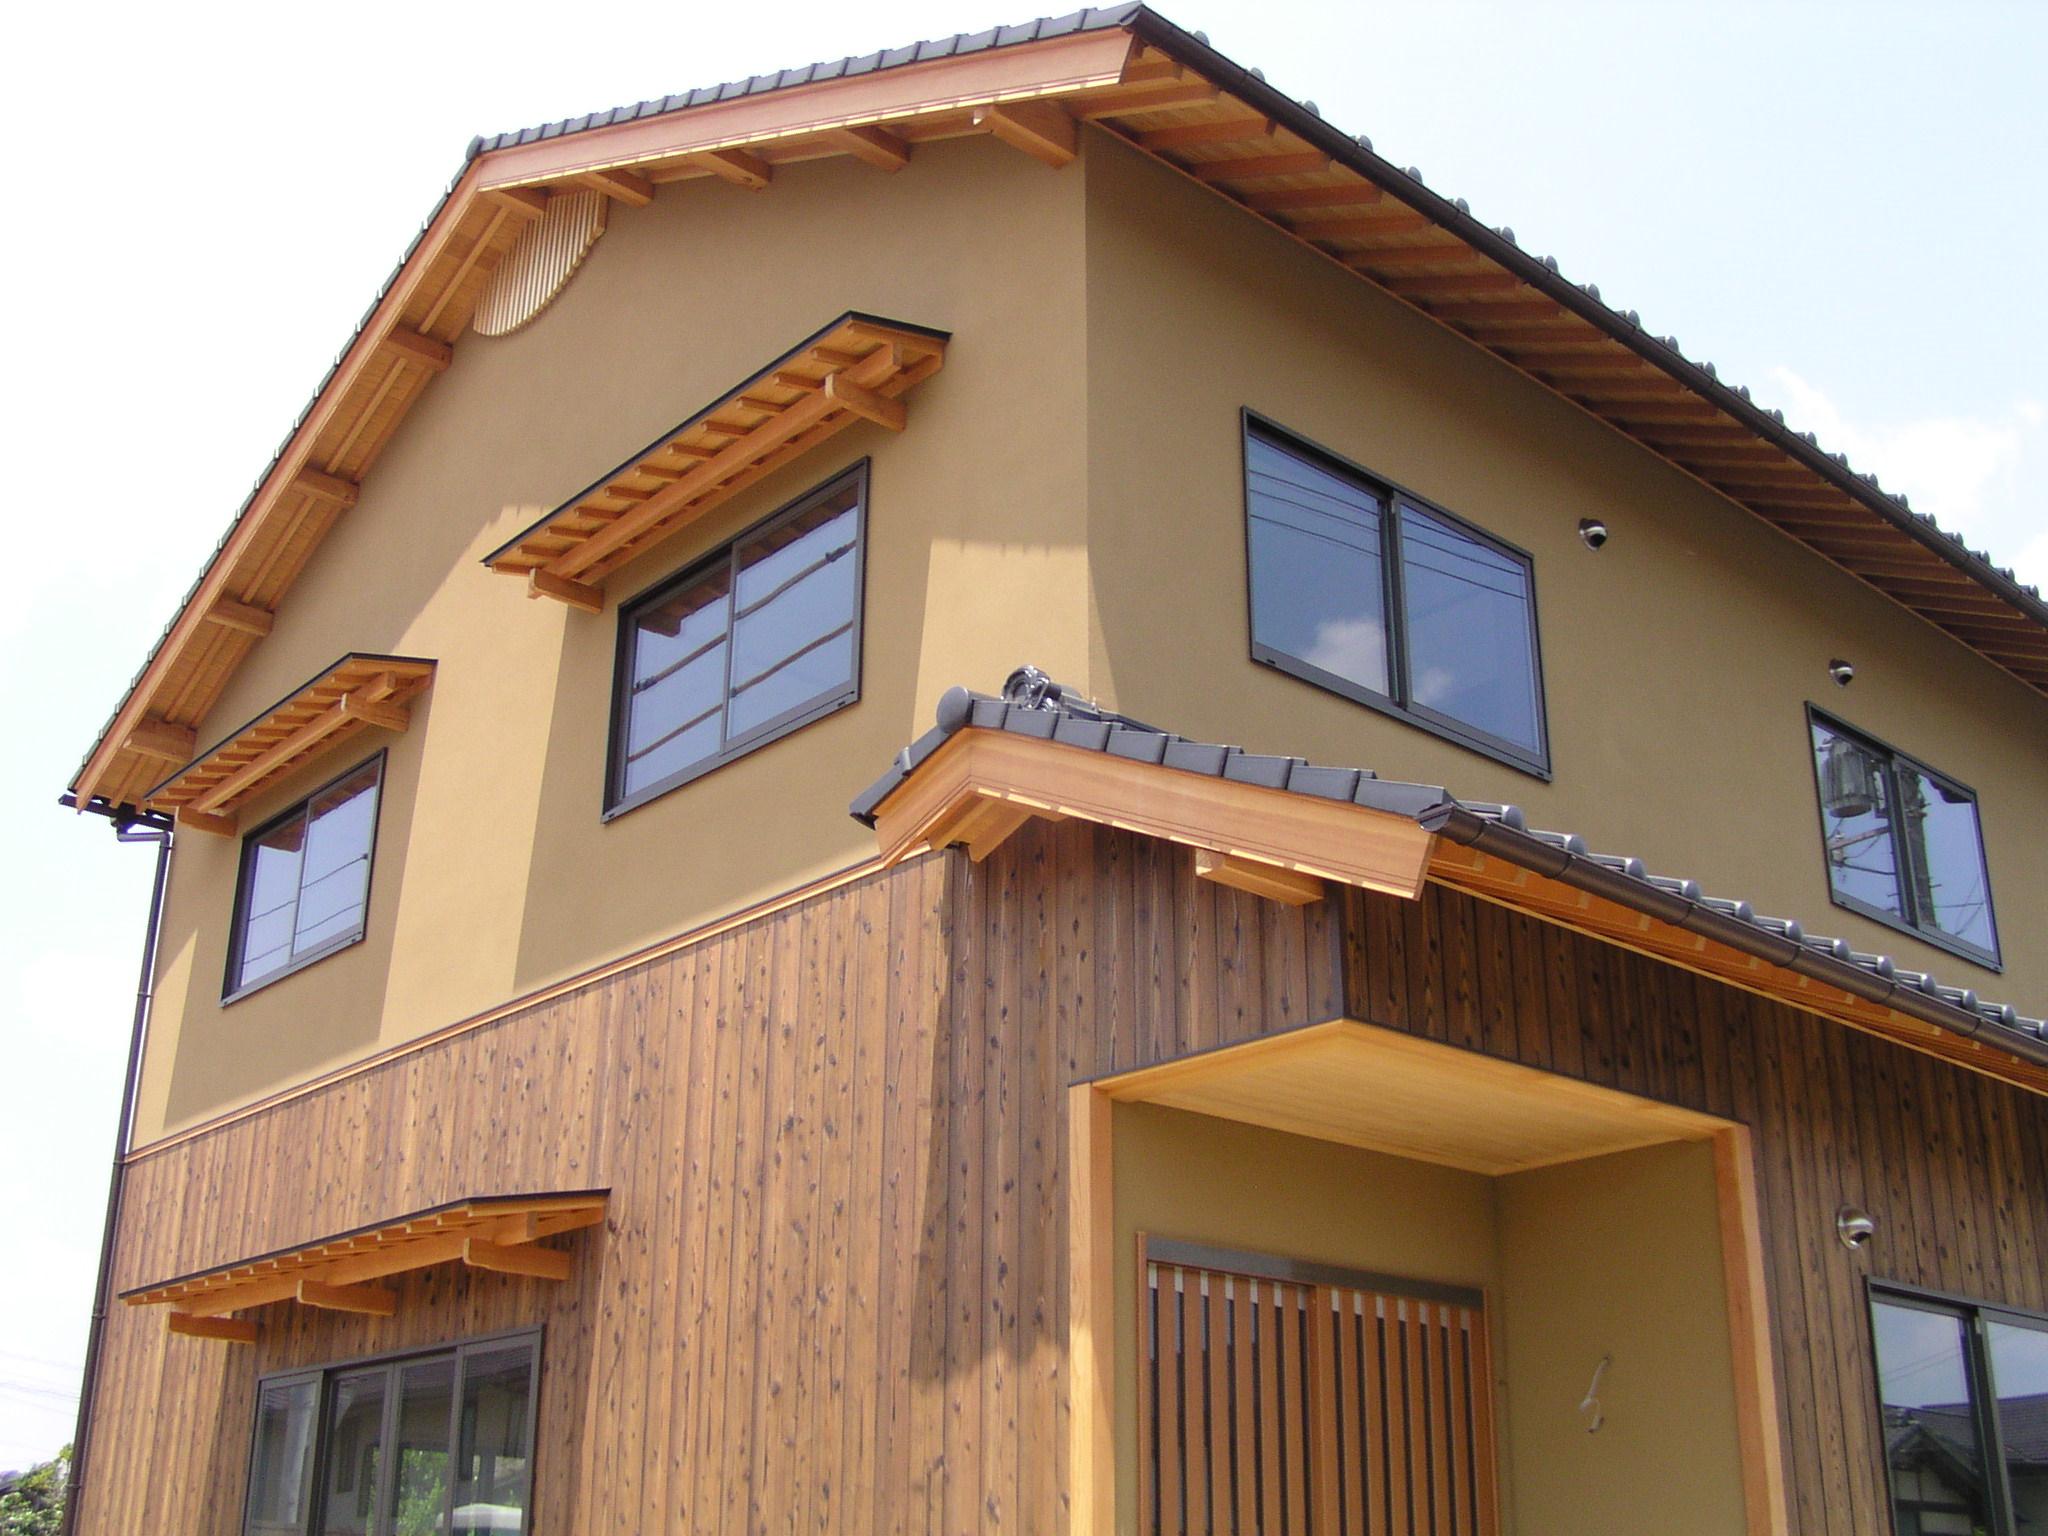 木造建築に施工例を追加しました